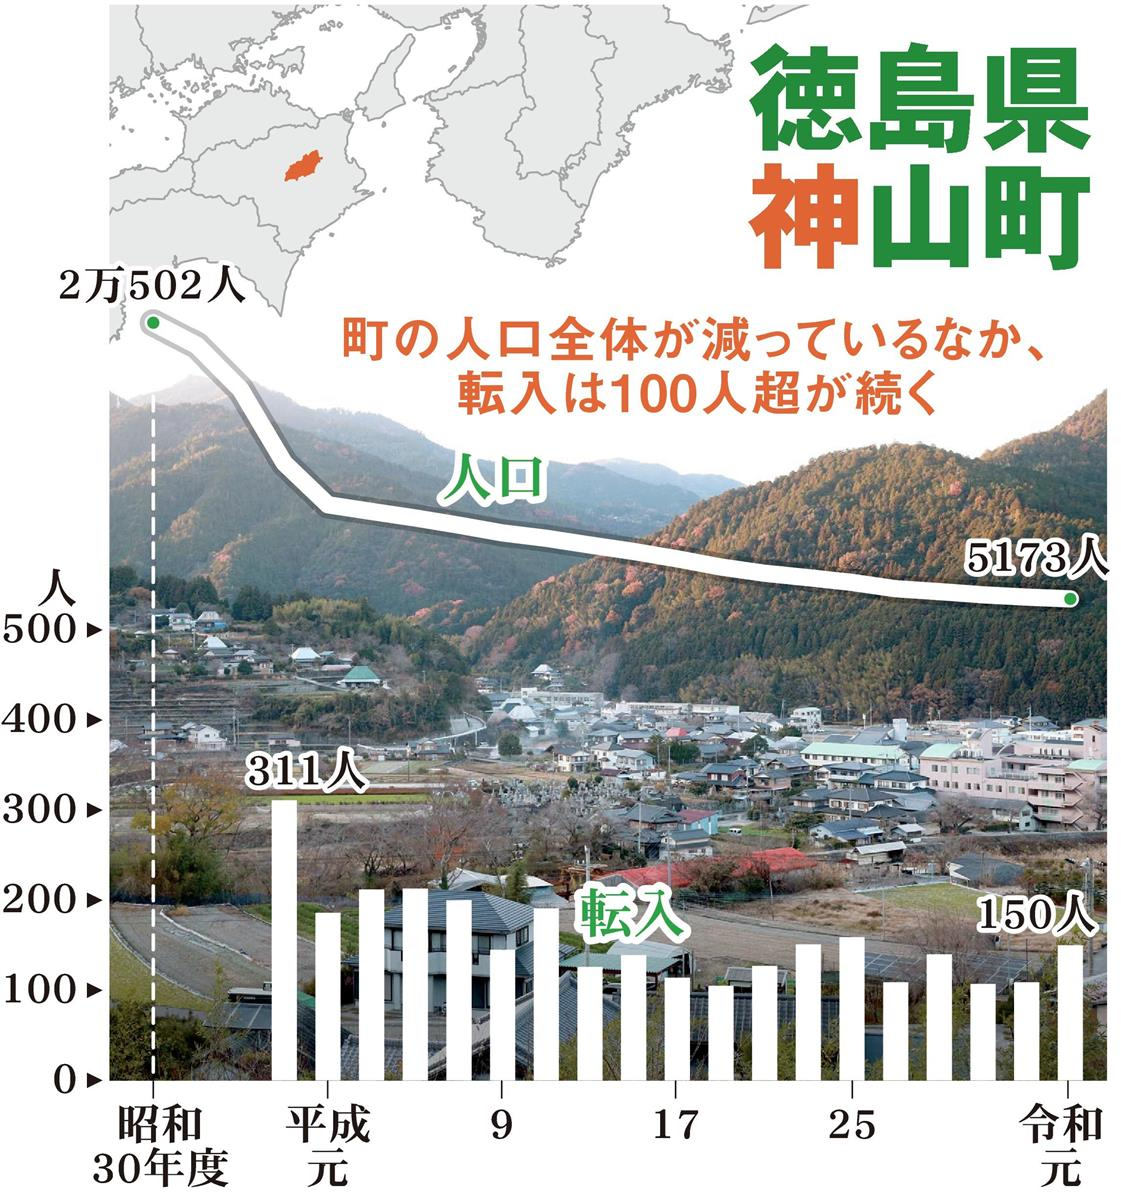 【地方変動】C徳島県神山町_上部分CT